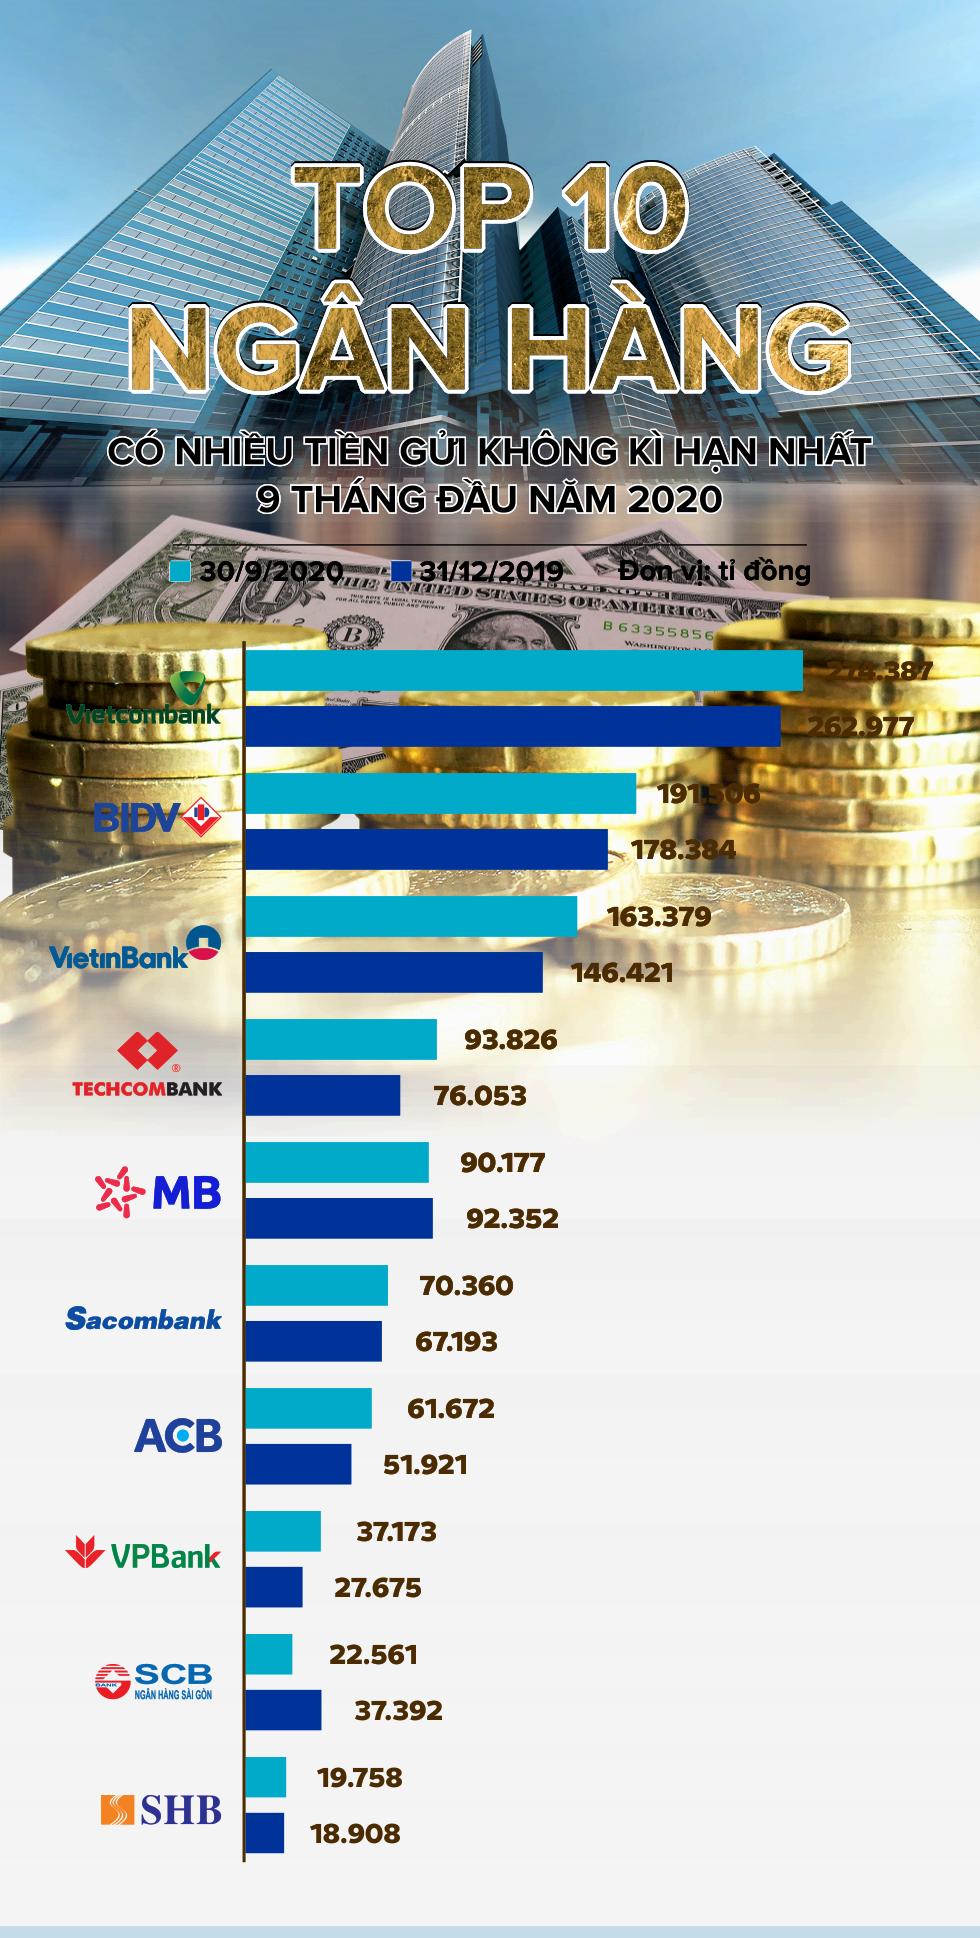 TOP 10 ngân hàng có nhiều tiền gửi không kì hạn nhất 9 tháng đầu năm 2020 - Ảnh 1.